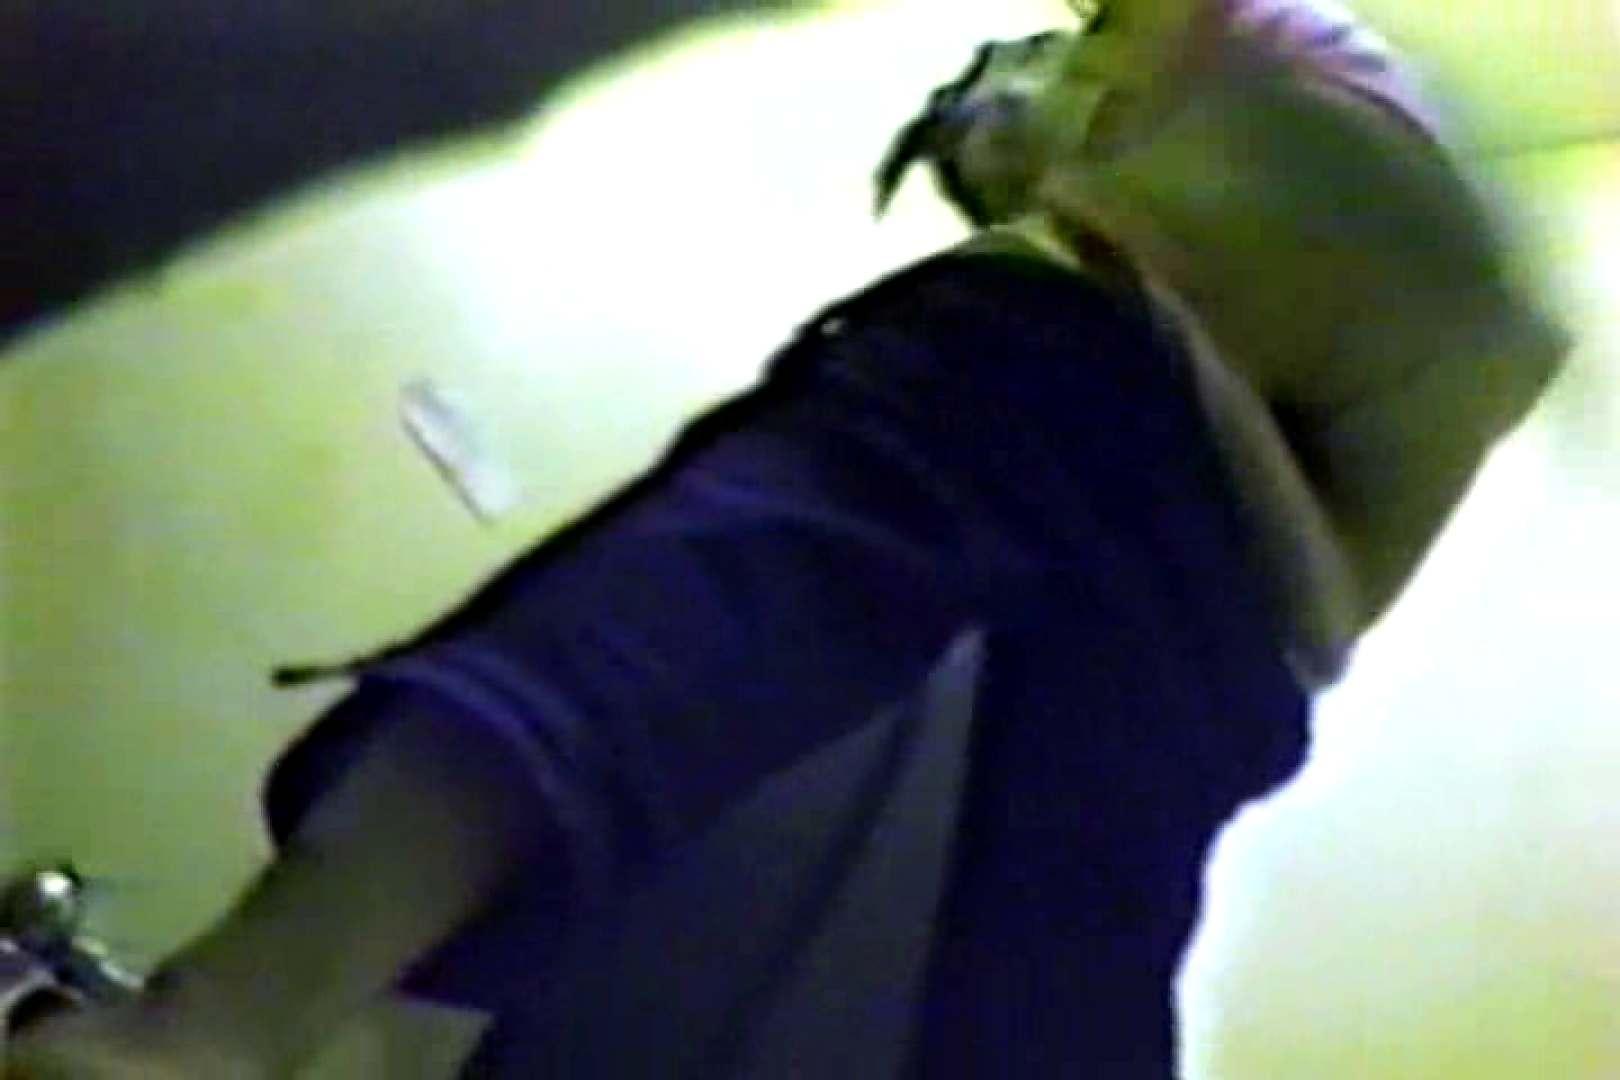 個室狂いのマニア映像Vol.1 いやらしいOL  78連発 12